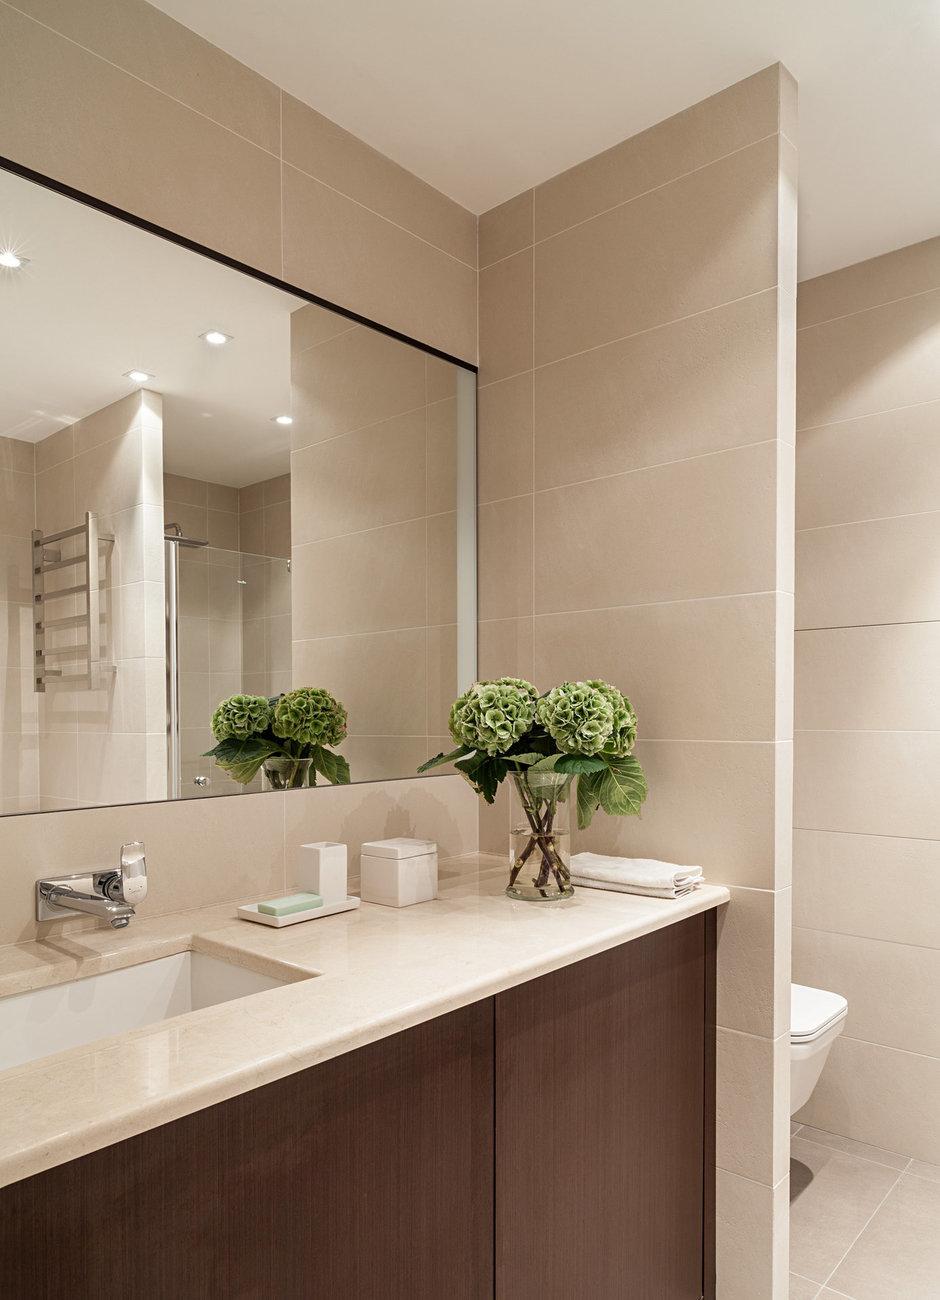 Фотография: Ванная в стиле Современный, Классический, Квартира, Дома и квартиры, IKEA, Проект недели, Дина Салахова – фото на InMyRoom.ru